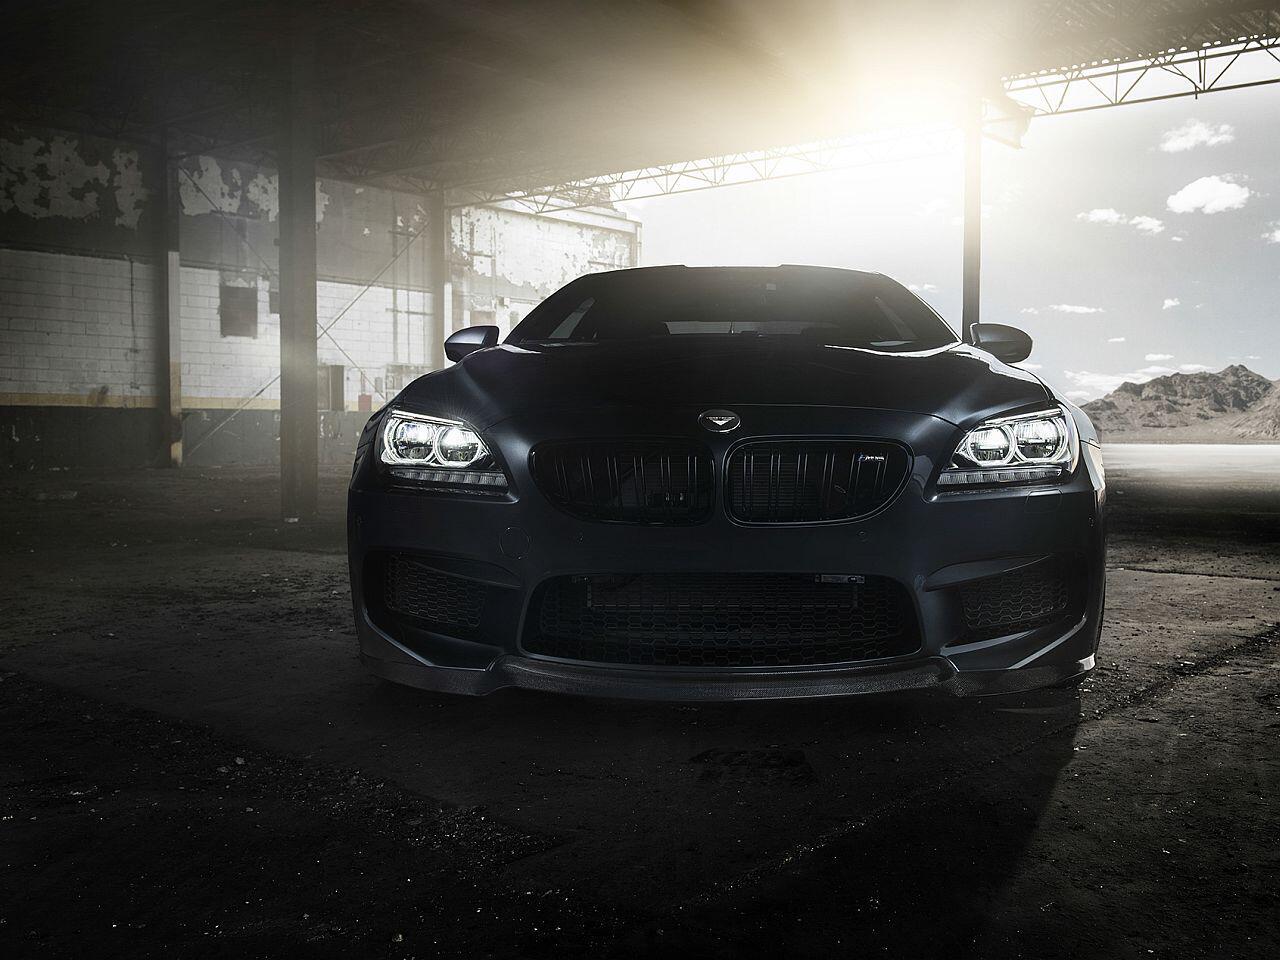 Bild zu Luxus-Tuning: Vorsteiner lässt den BMW M6 noch eindrucksvoller aussehen